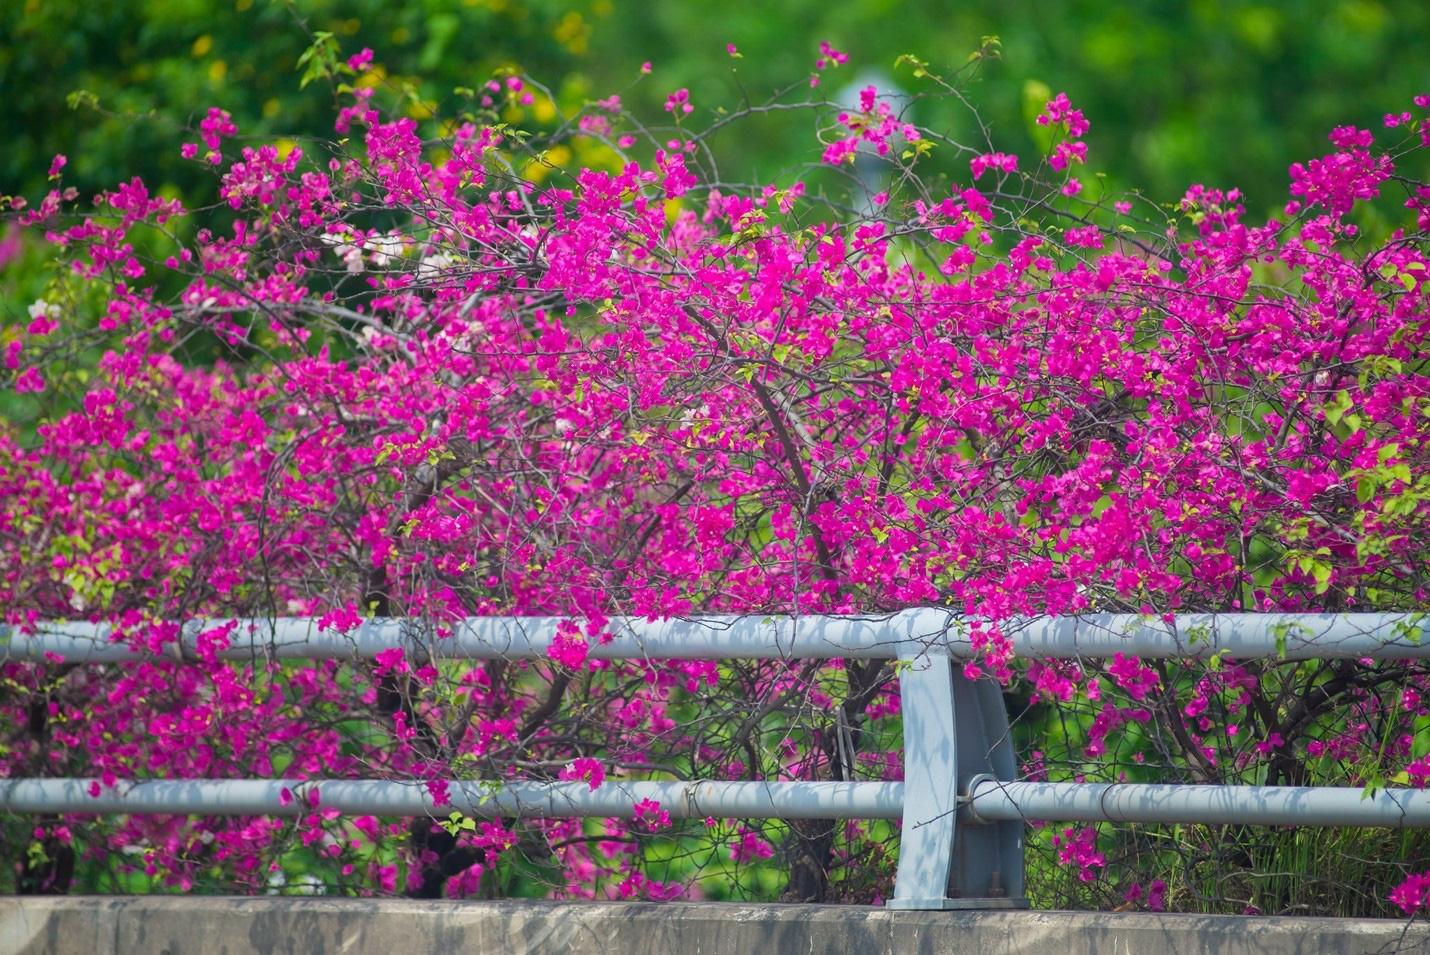 Vệt hoa giấy nhuộm tím một góc khu đô thị Ecopark - Ảnh 4.